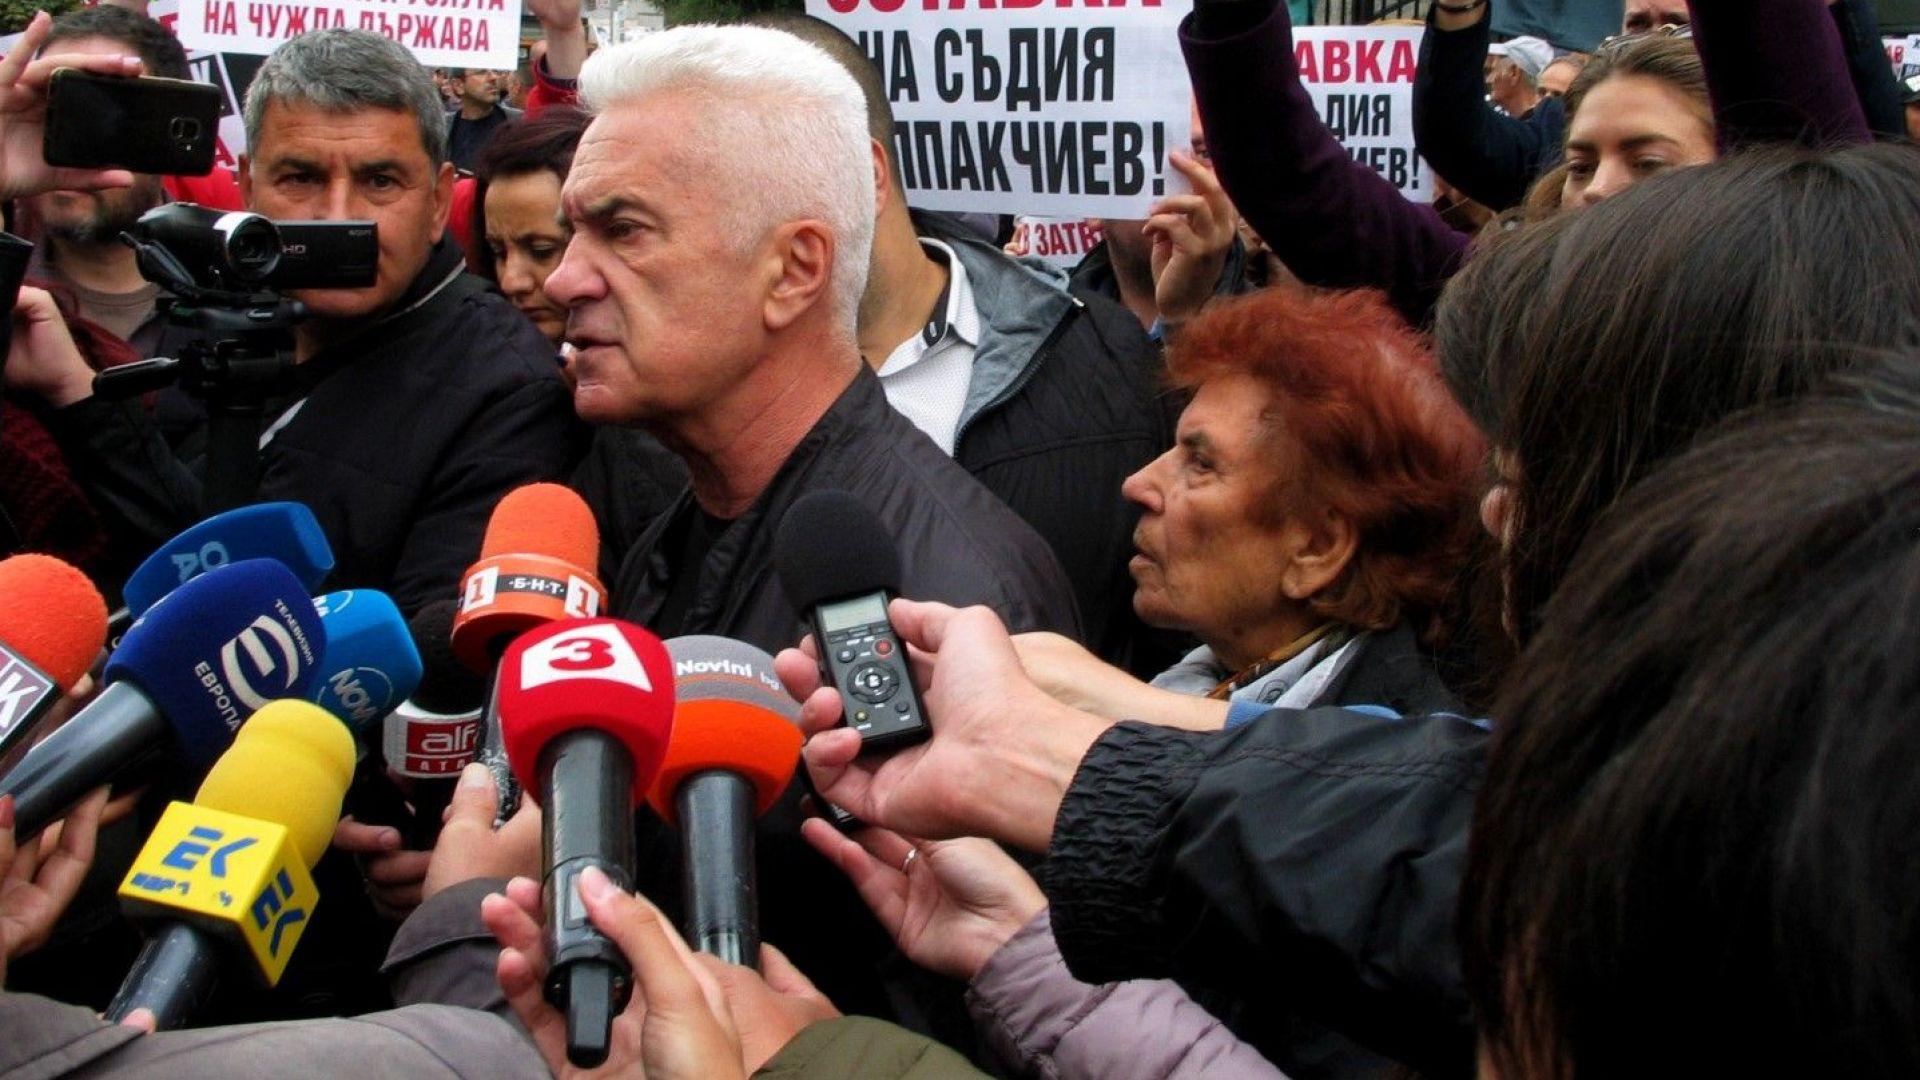 Волен Сидеров: Калпакчиев трябва да бъде санкциониран, съдиите не са недосегаеми